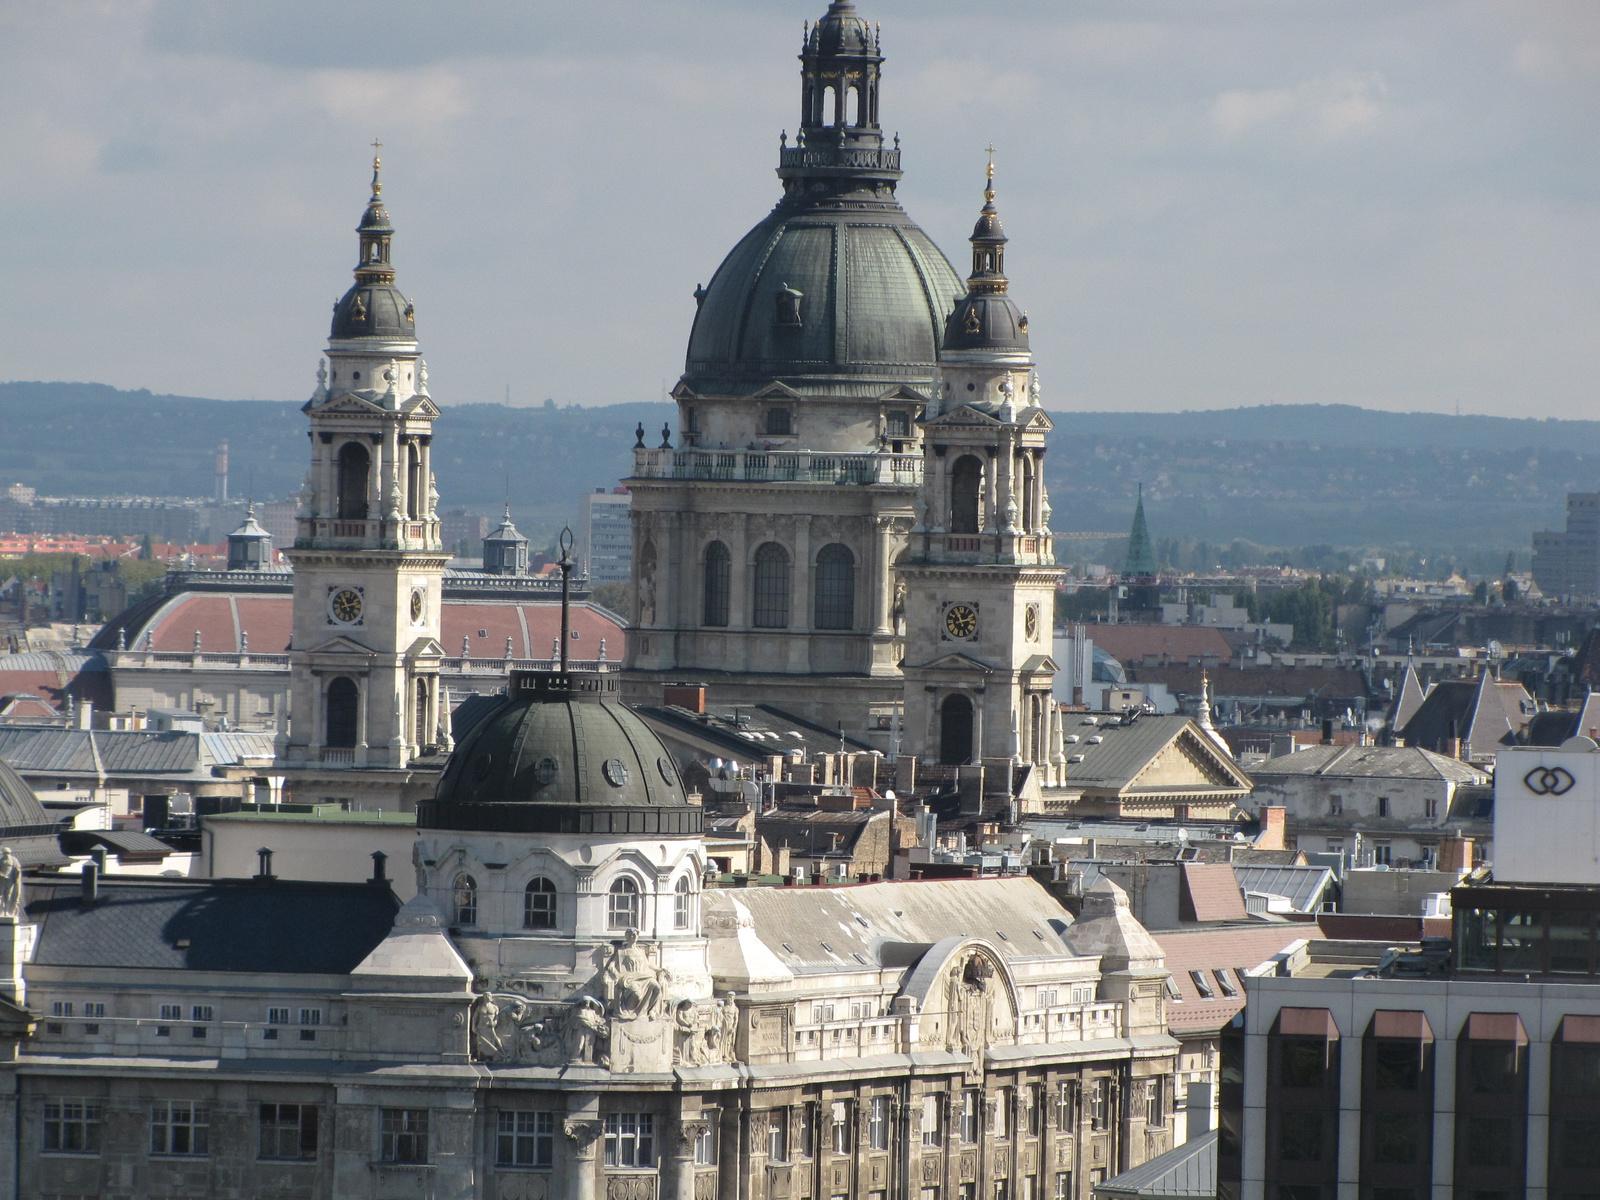 Magyarország, Budapest, a Bazilika a Várból fényképezve, SzG3